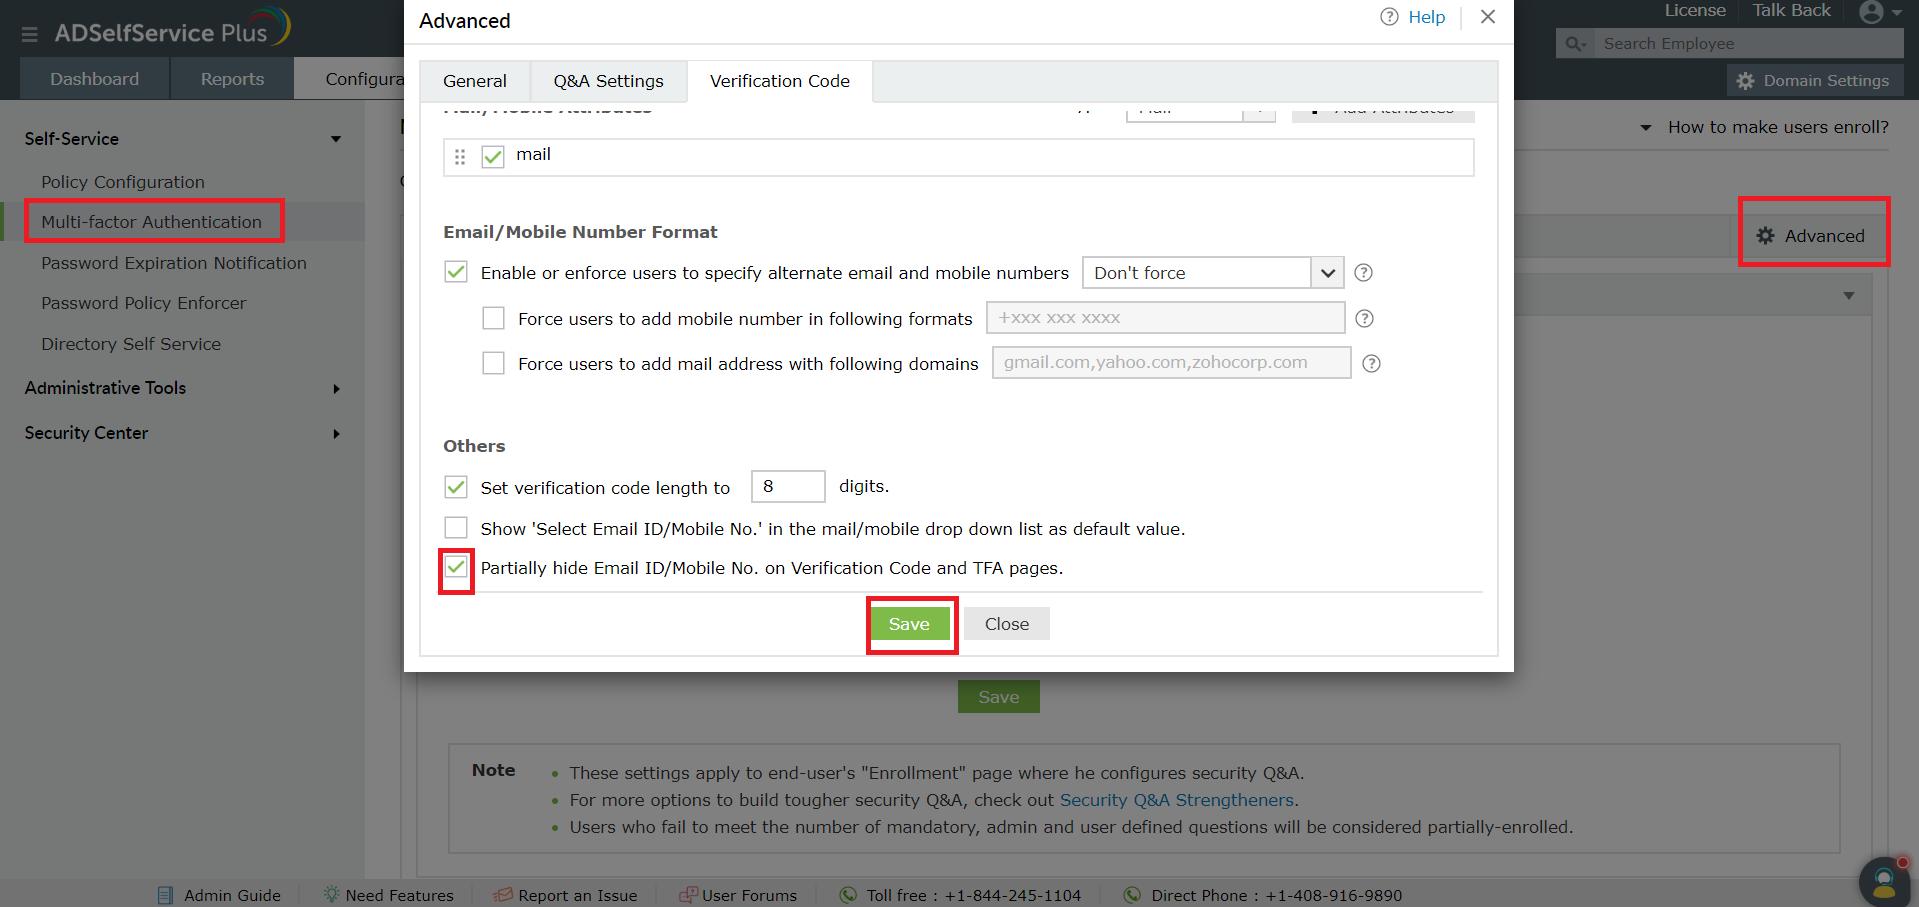 partial-masking-user-detail-during-password-reset